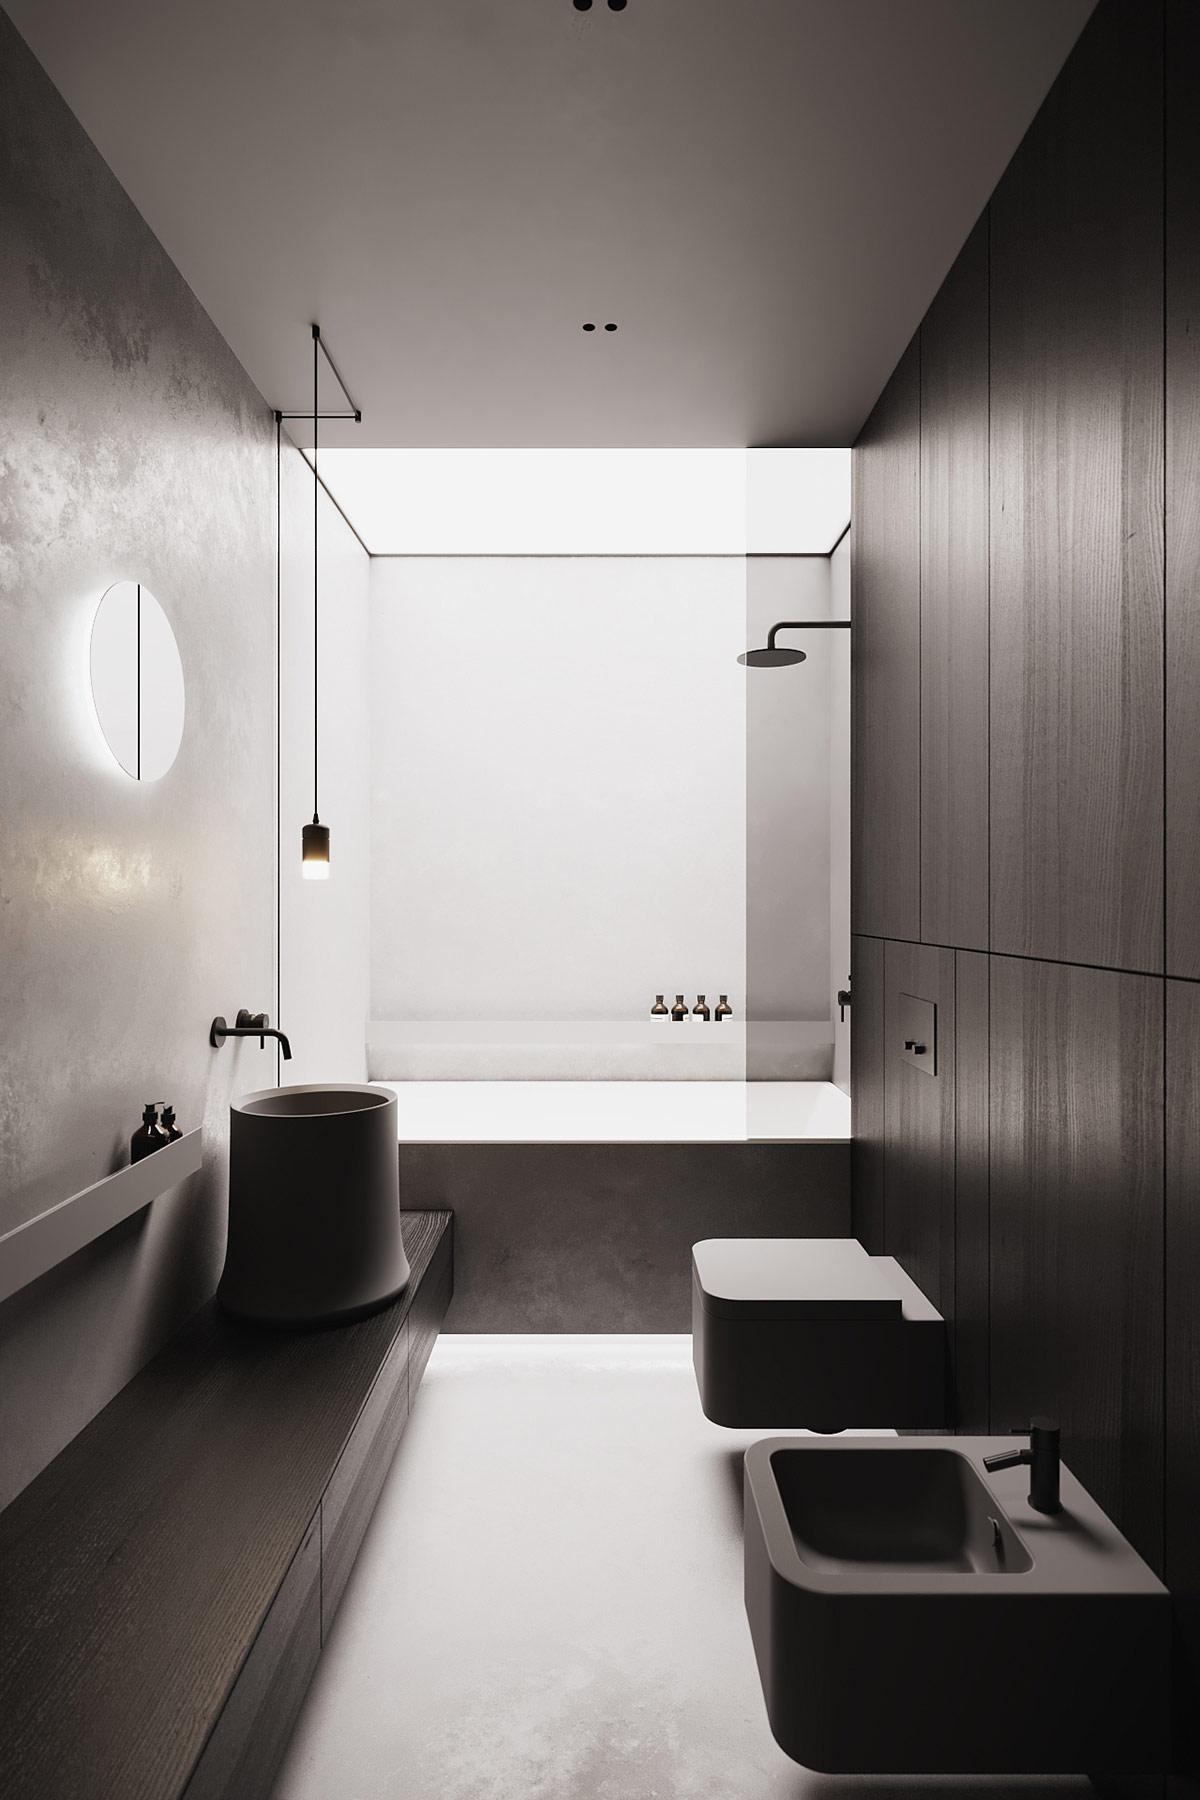 Phòng tắm được thiết kế tối giản và ánh sáng vẫn là yếu tố chi phối chủ đạo